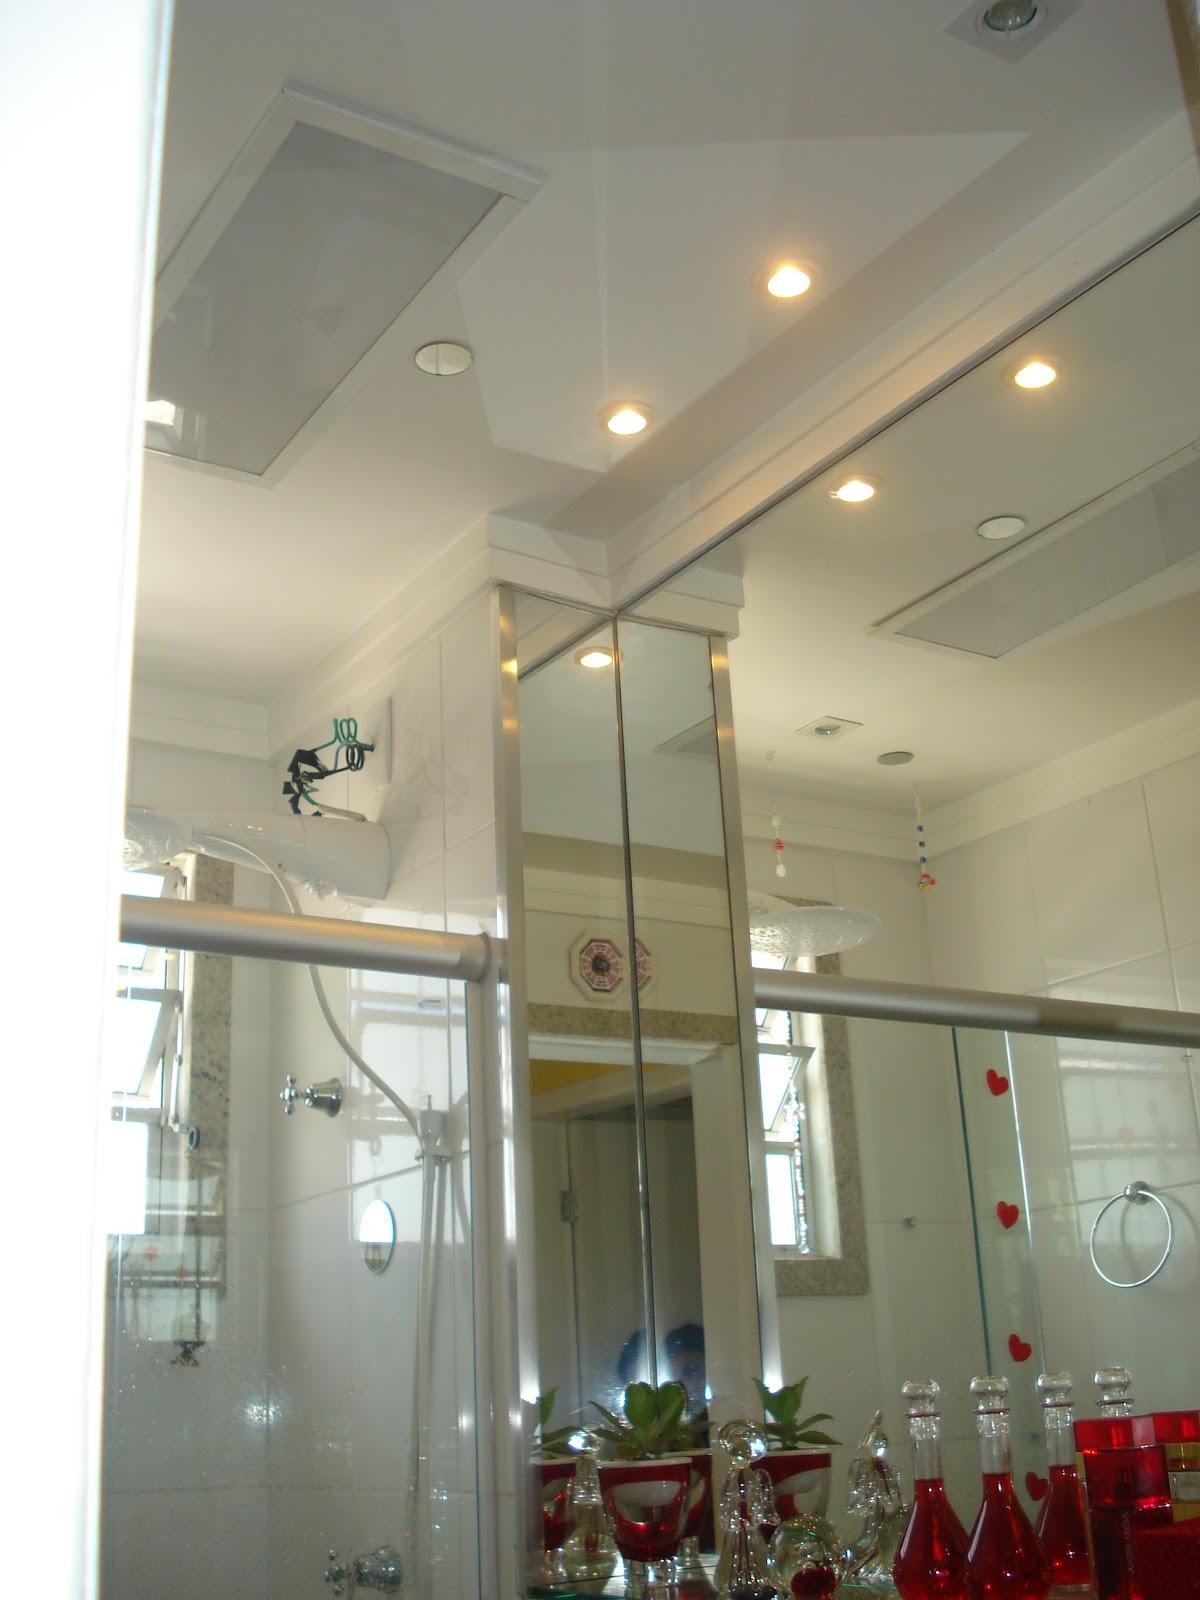 para equilibrar energia dos banheiros Banheiro no Guá do Sucesso #643428 1200x1600 Banheiro Com Feng Shui